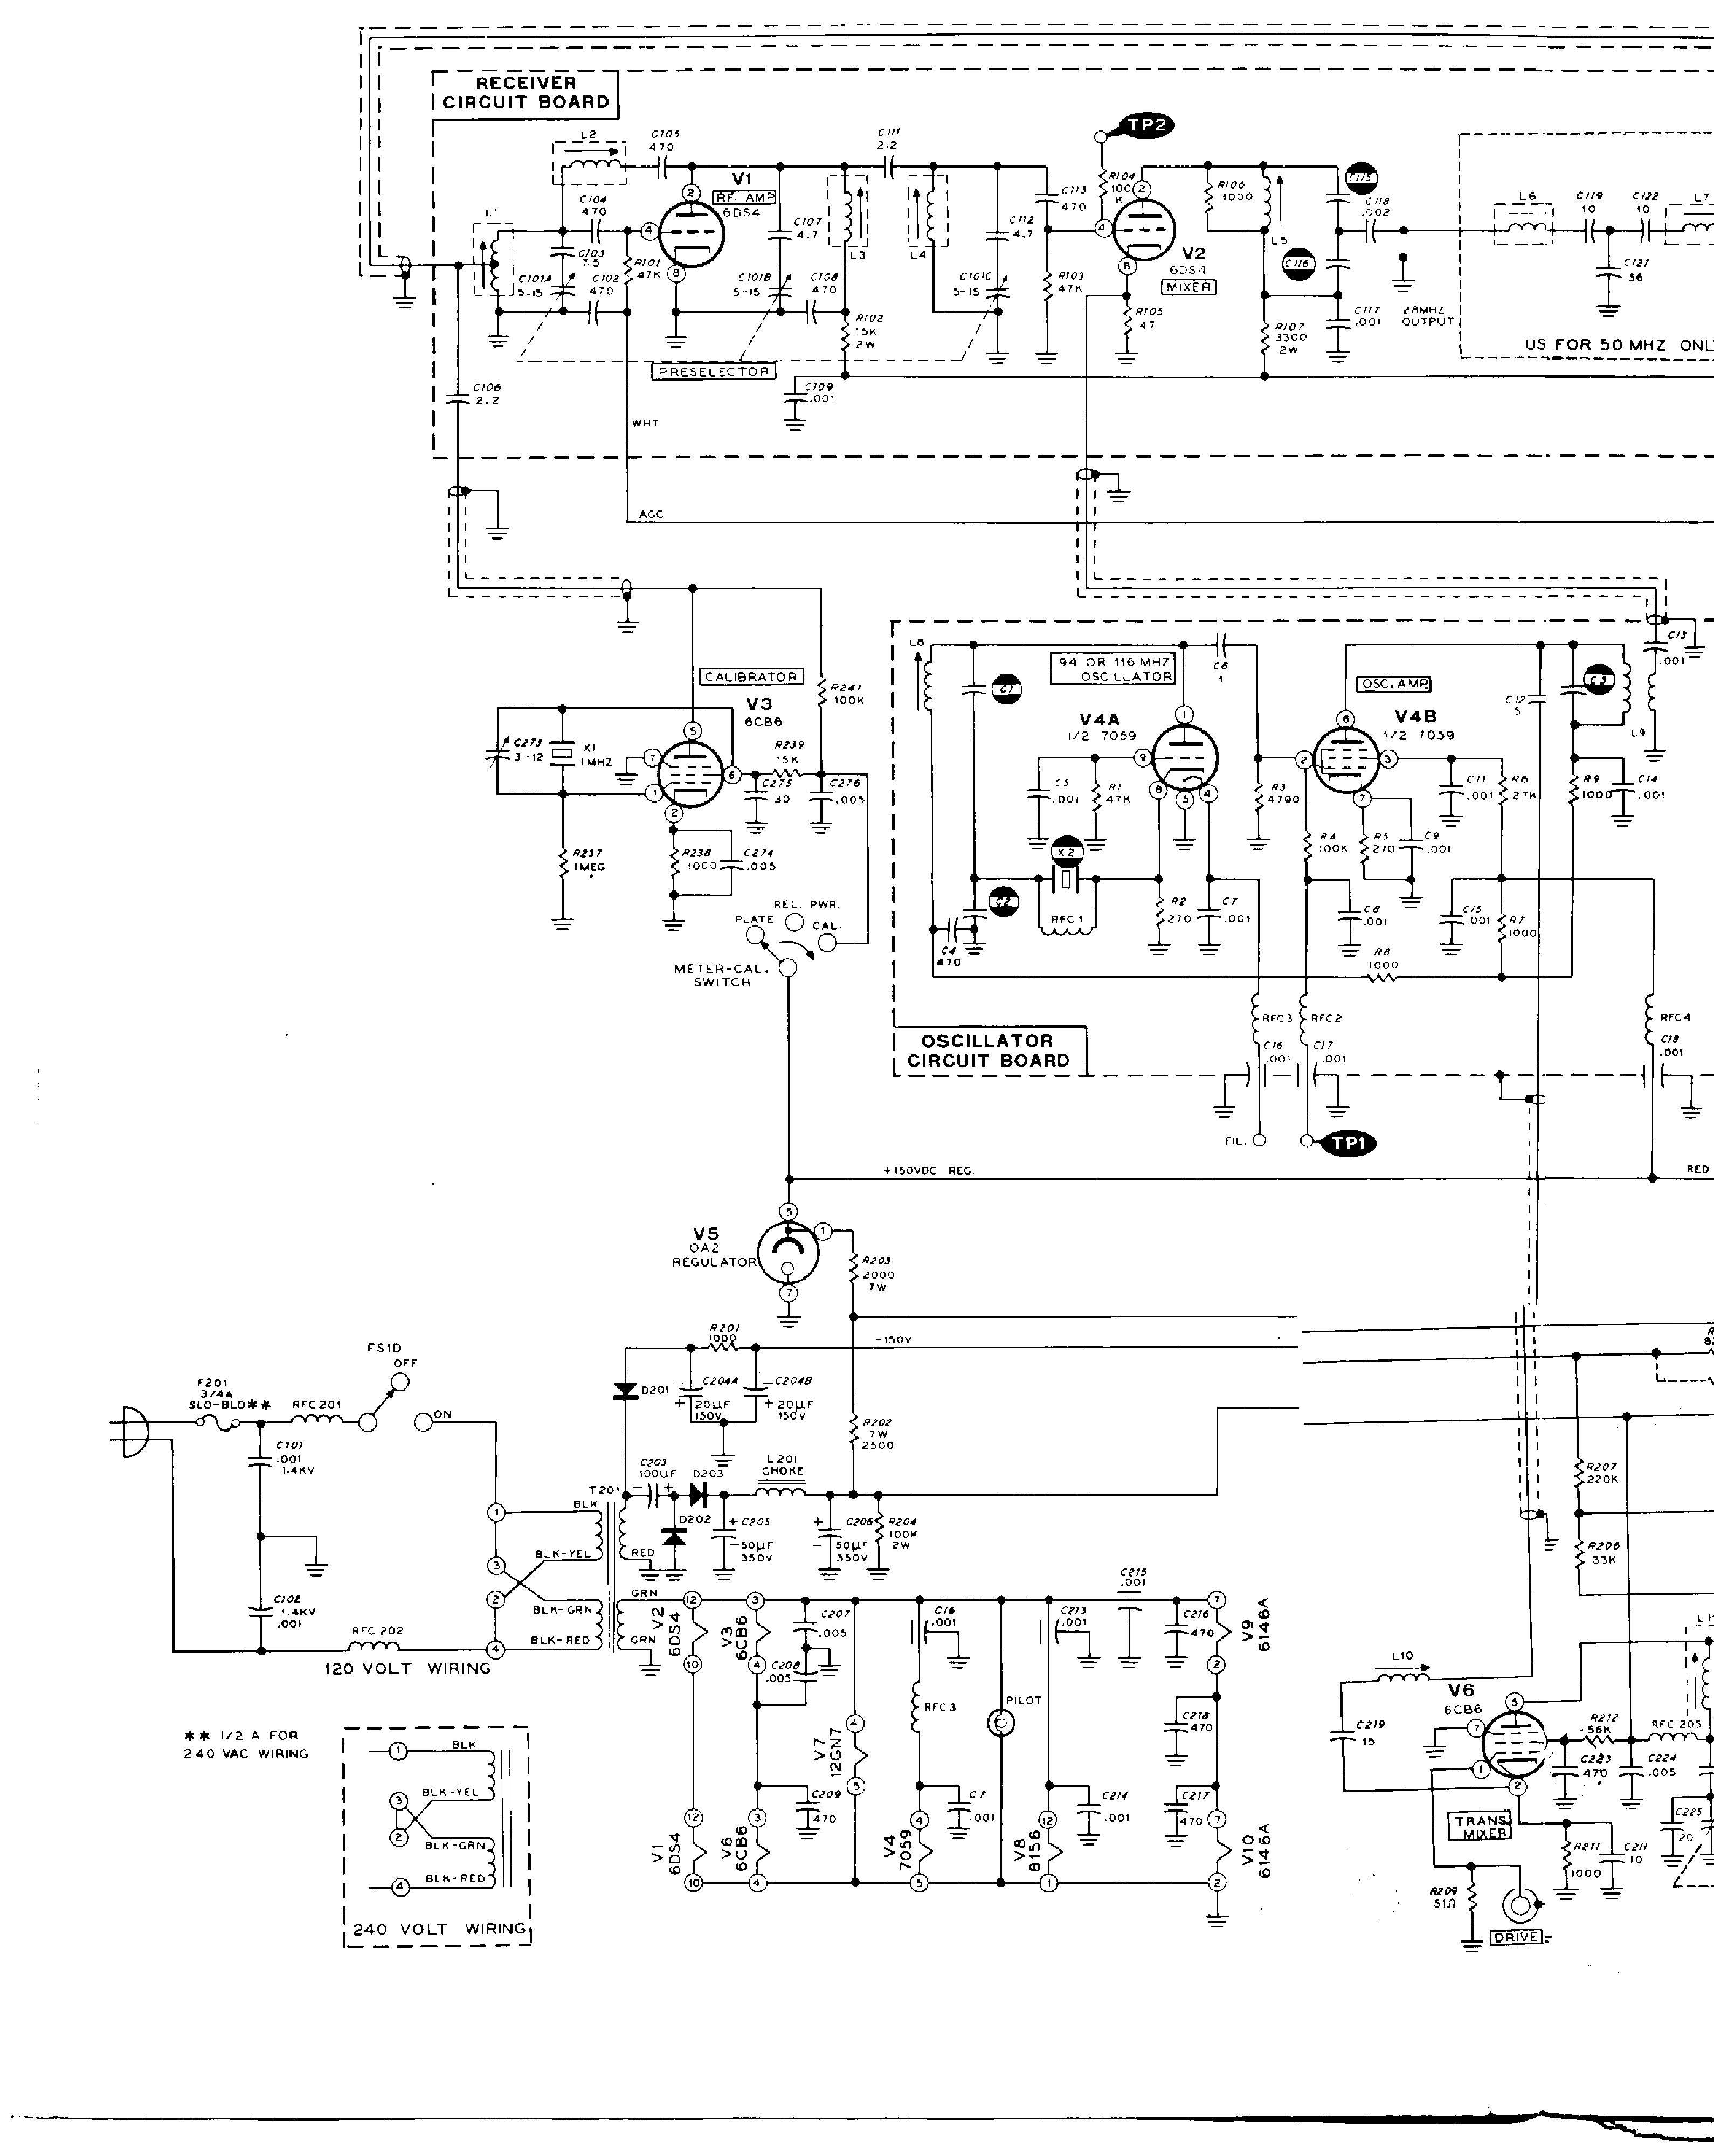 heathkit sb 620 manual pdf